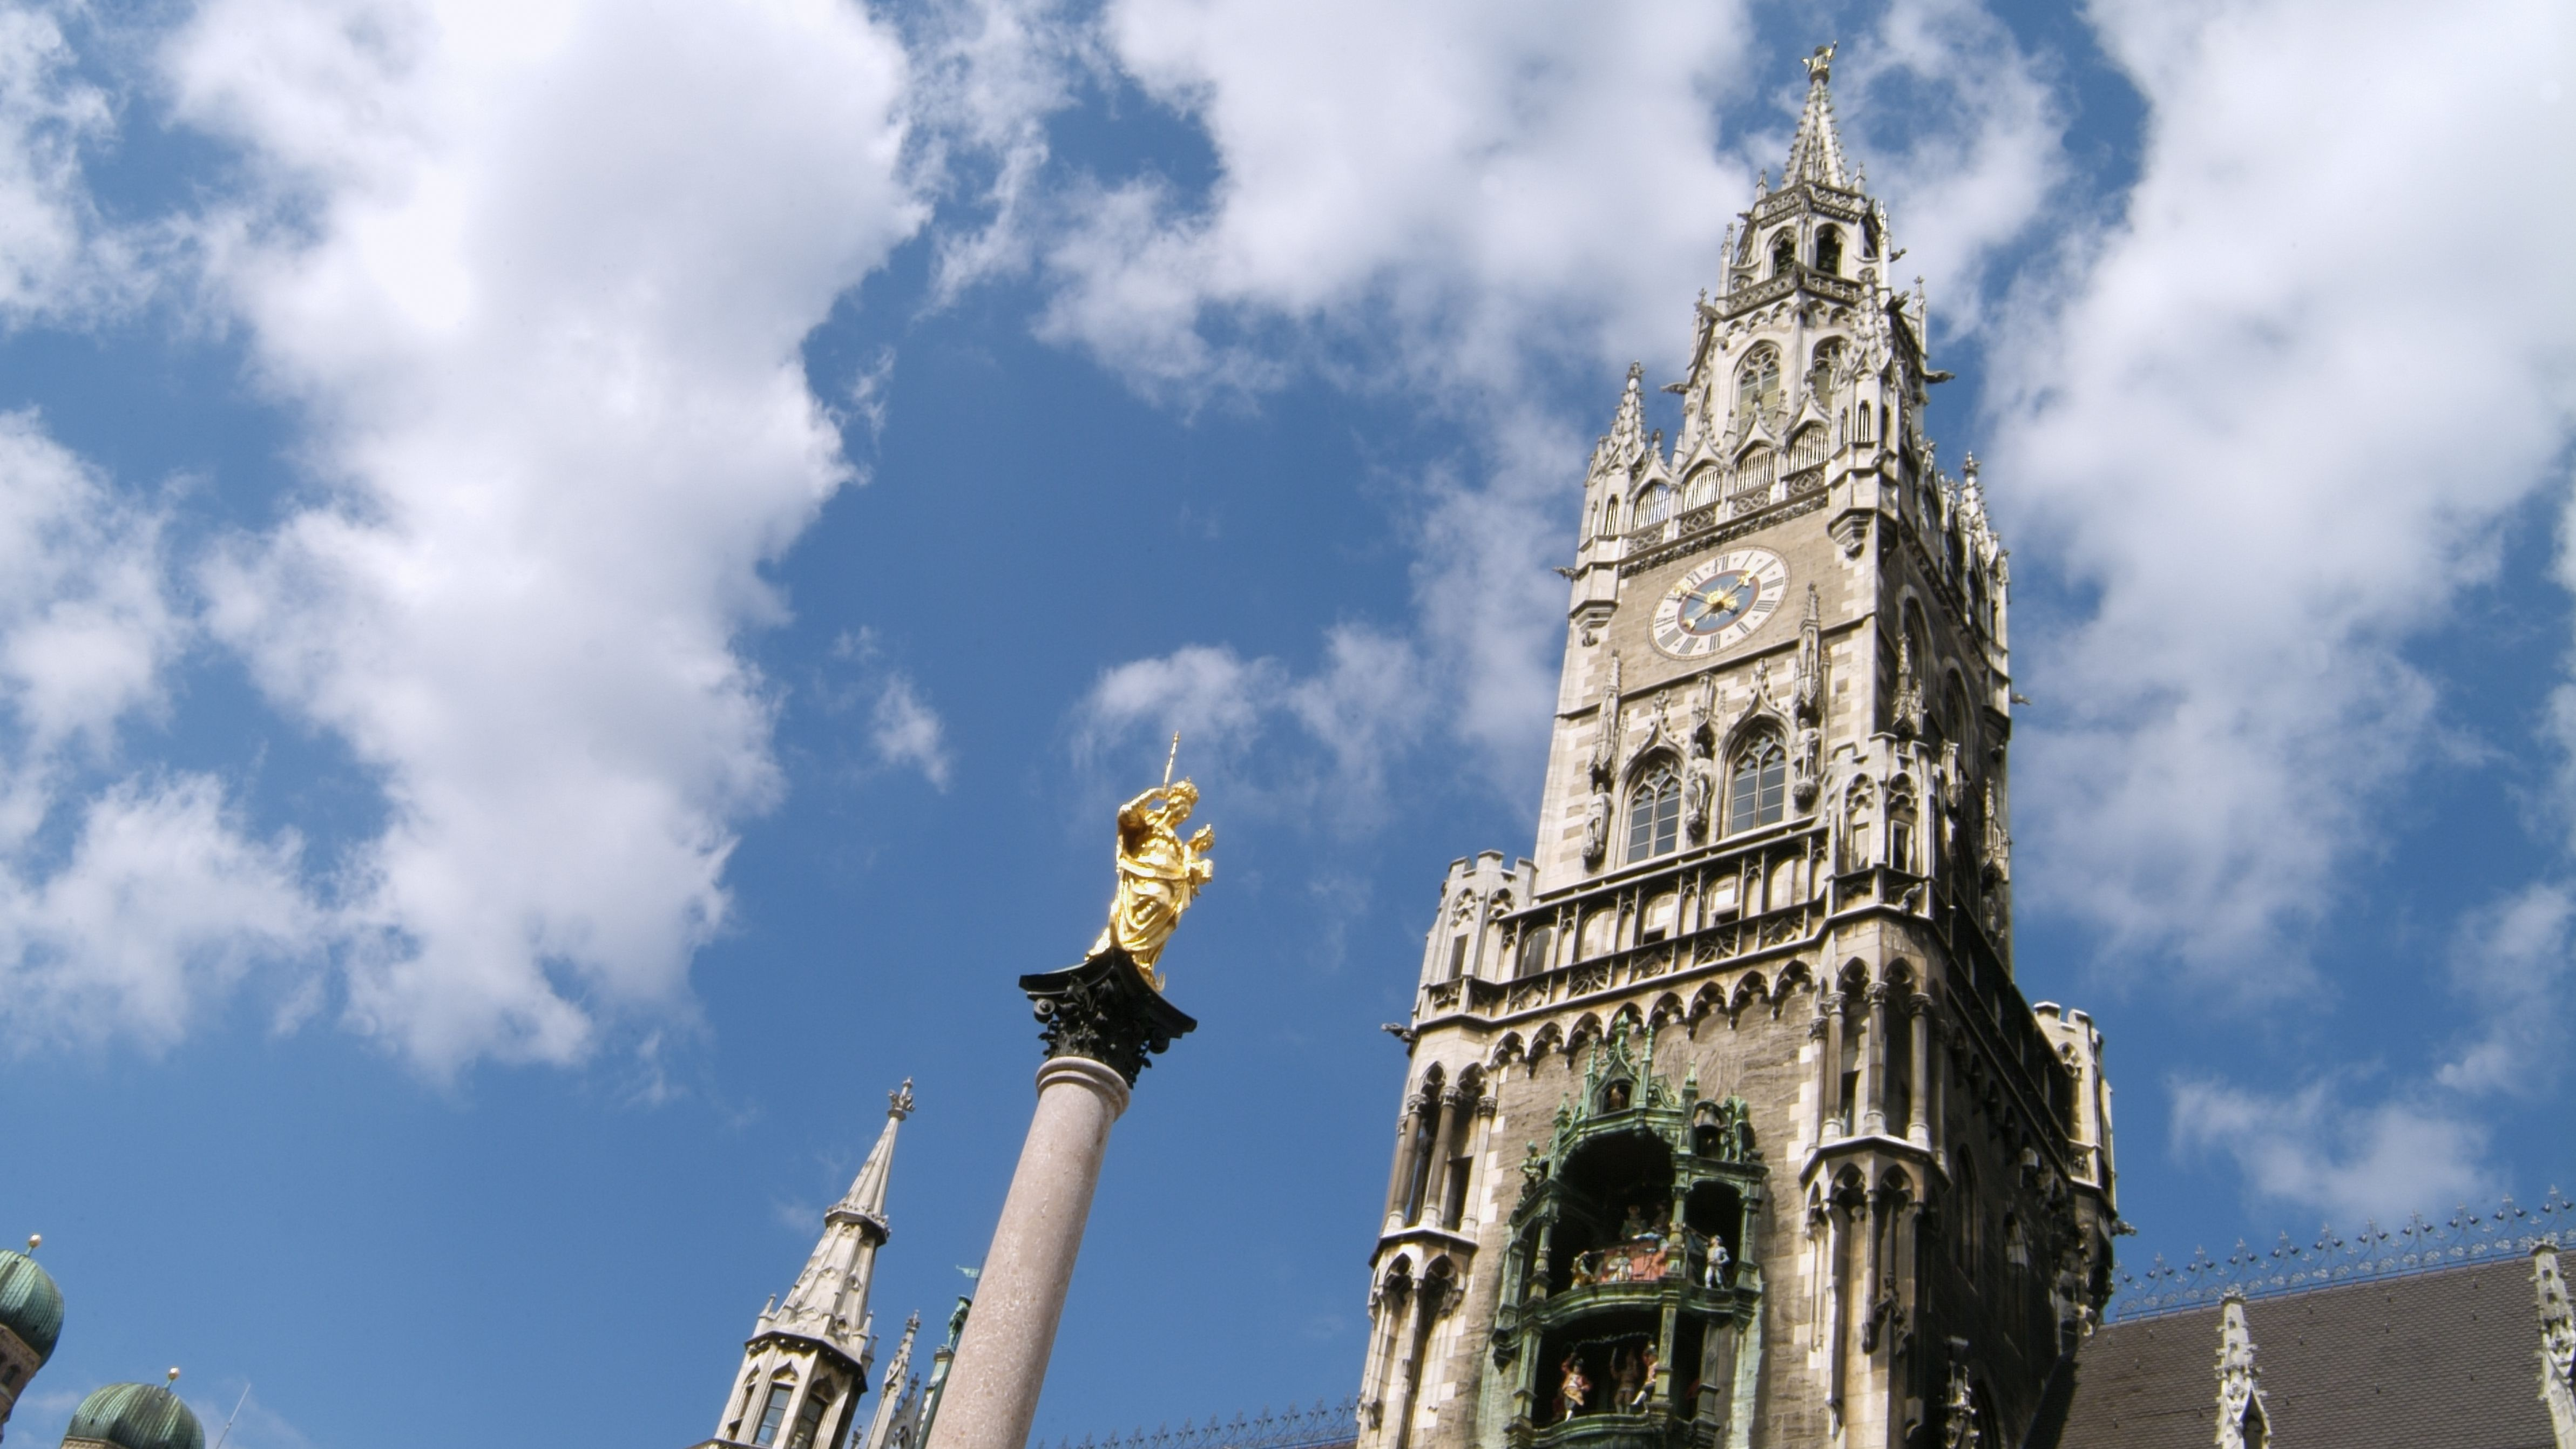 Das Rathaus in München mit Mariensäule, im Hintergrund die Türme der Frauenkirche